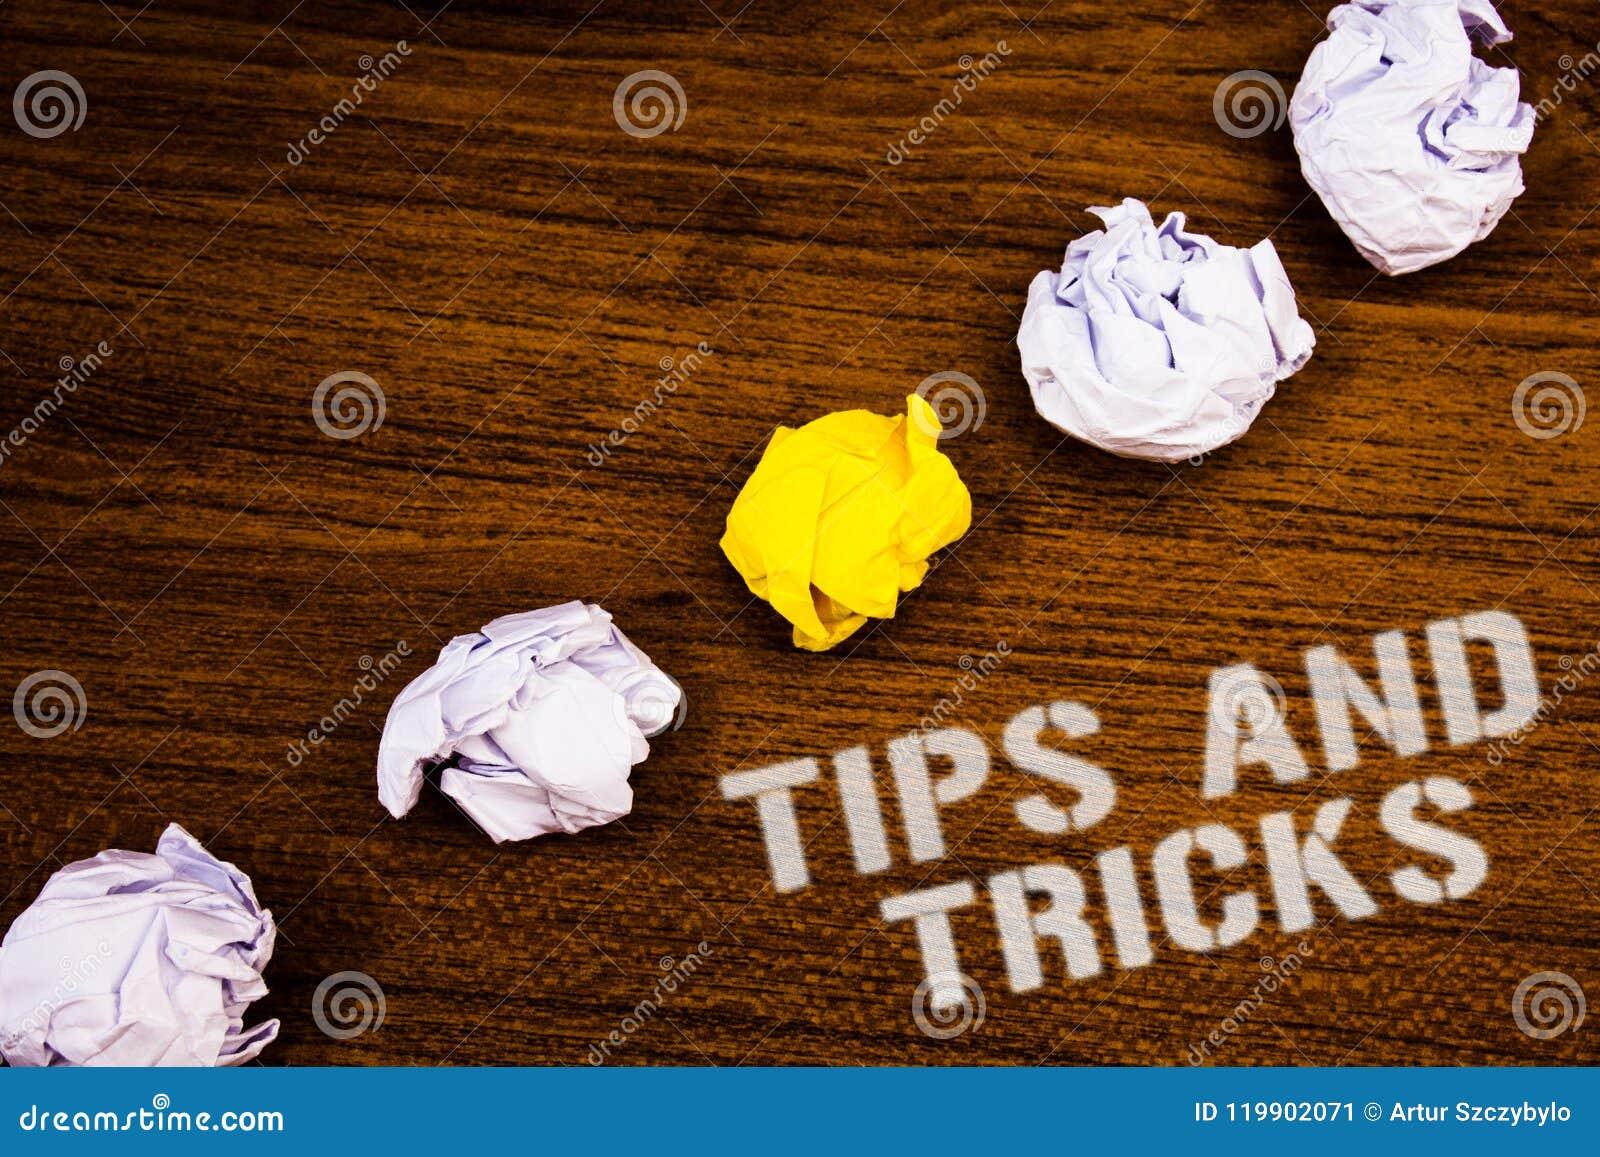 文本标志陈列打翻并且欺骗 做事更加容易的有用的忠告解答想法概念wor的概念性照片建议